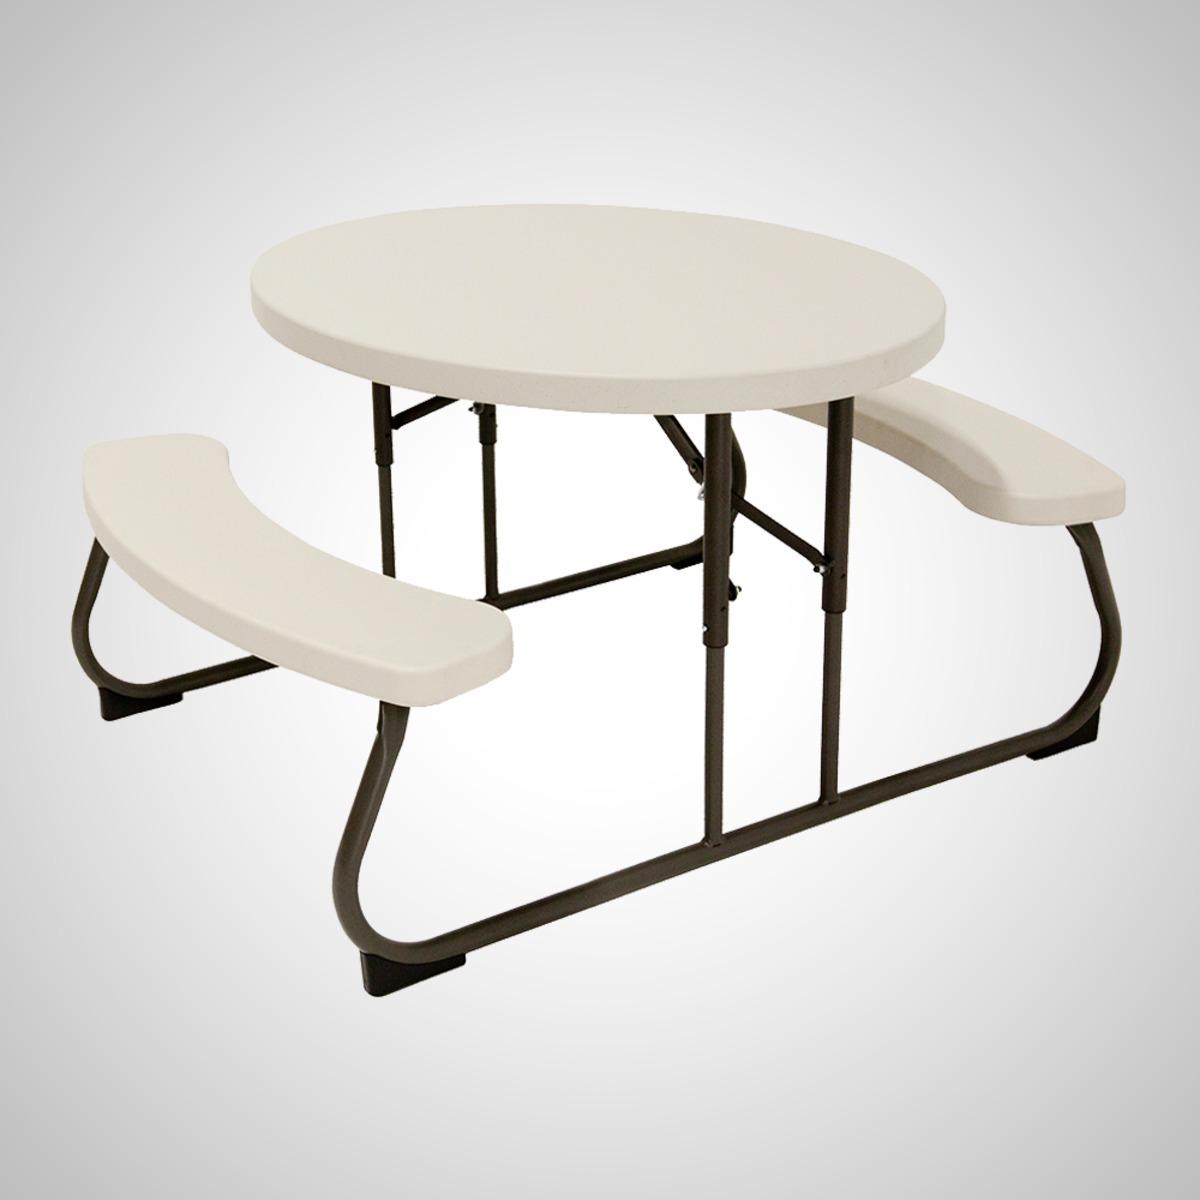 Lifetime 兒童折疊野餐圓桌(多種顏色選擇)